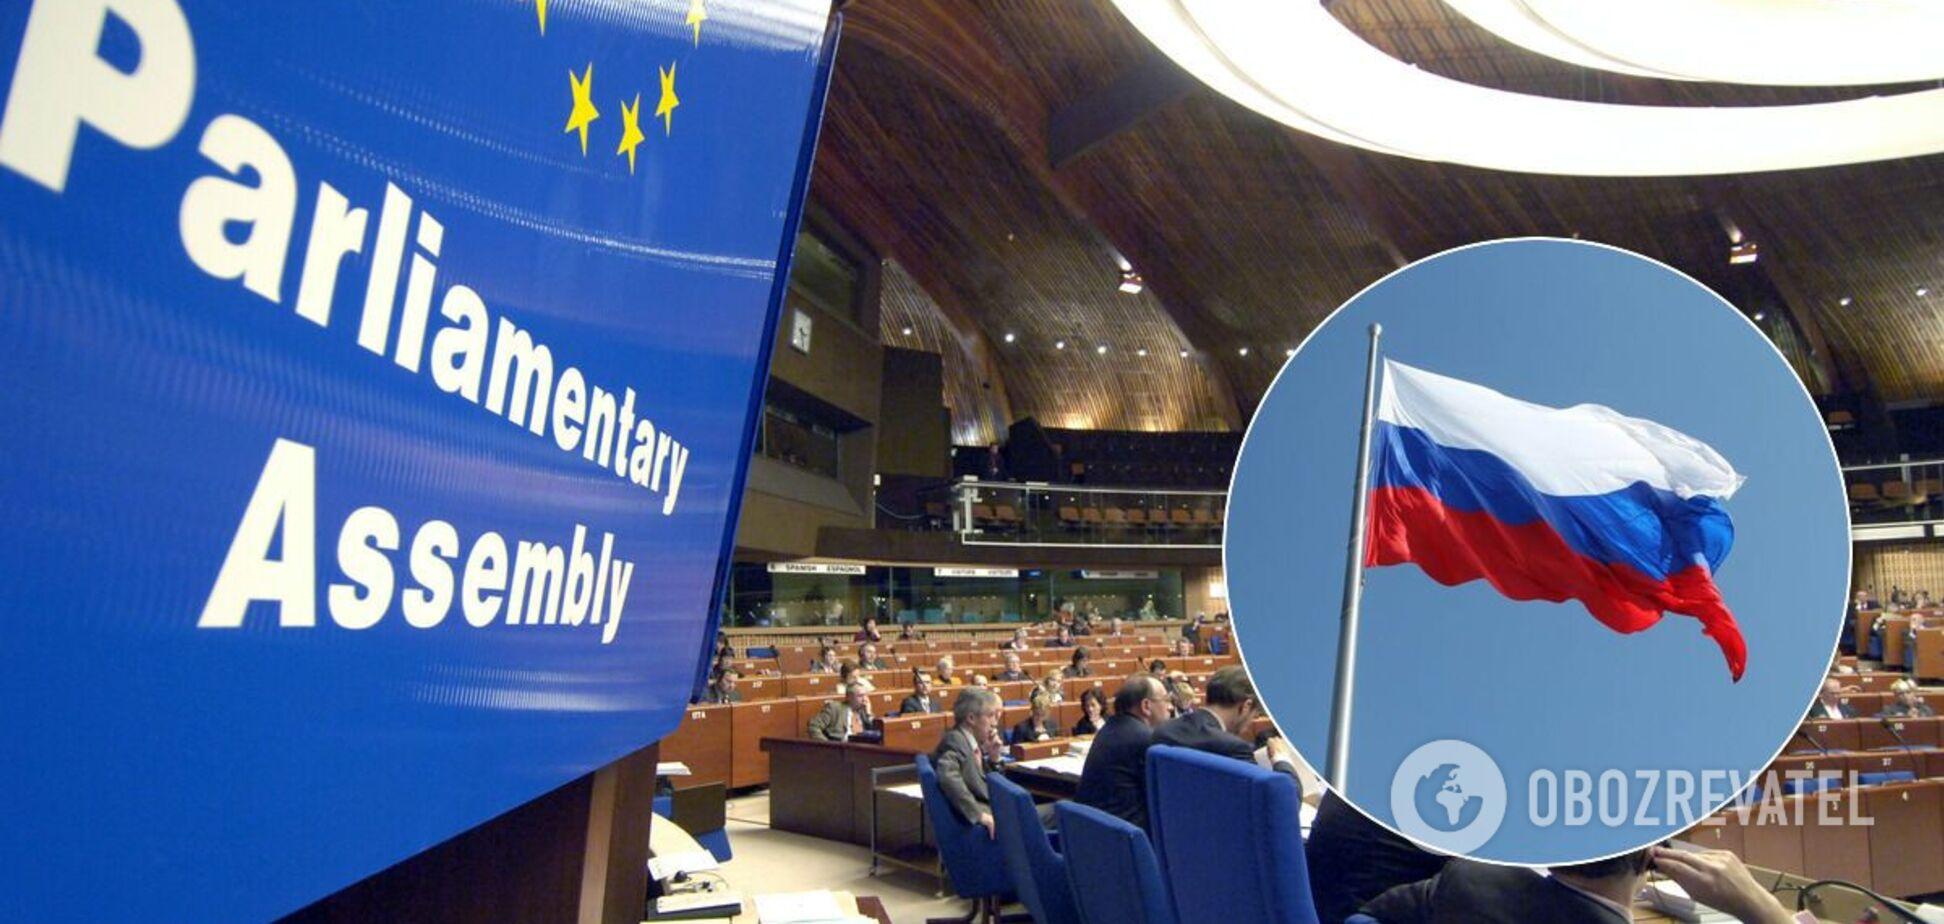 ПАРЄ підтвердила повноваження делегації Росії, відхиливши пропозицію України